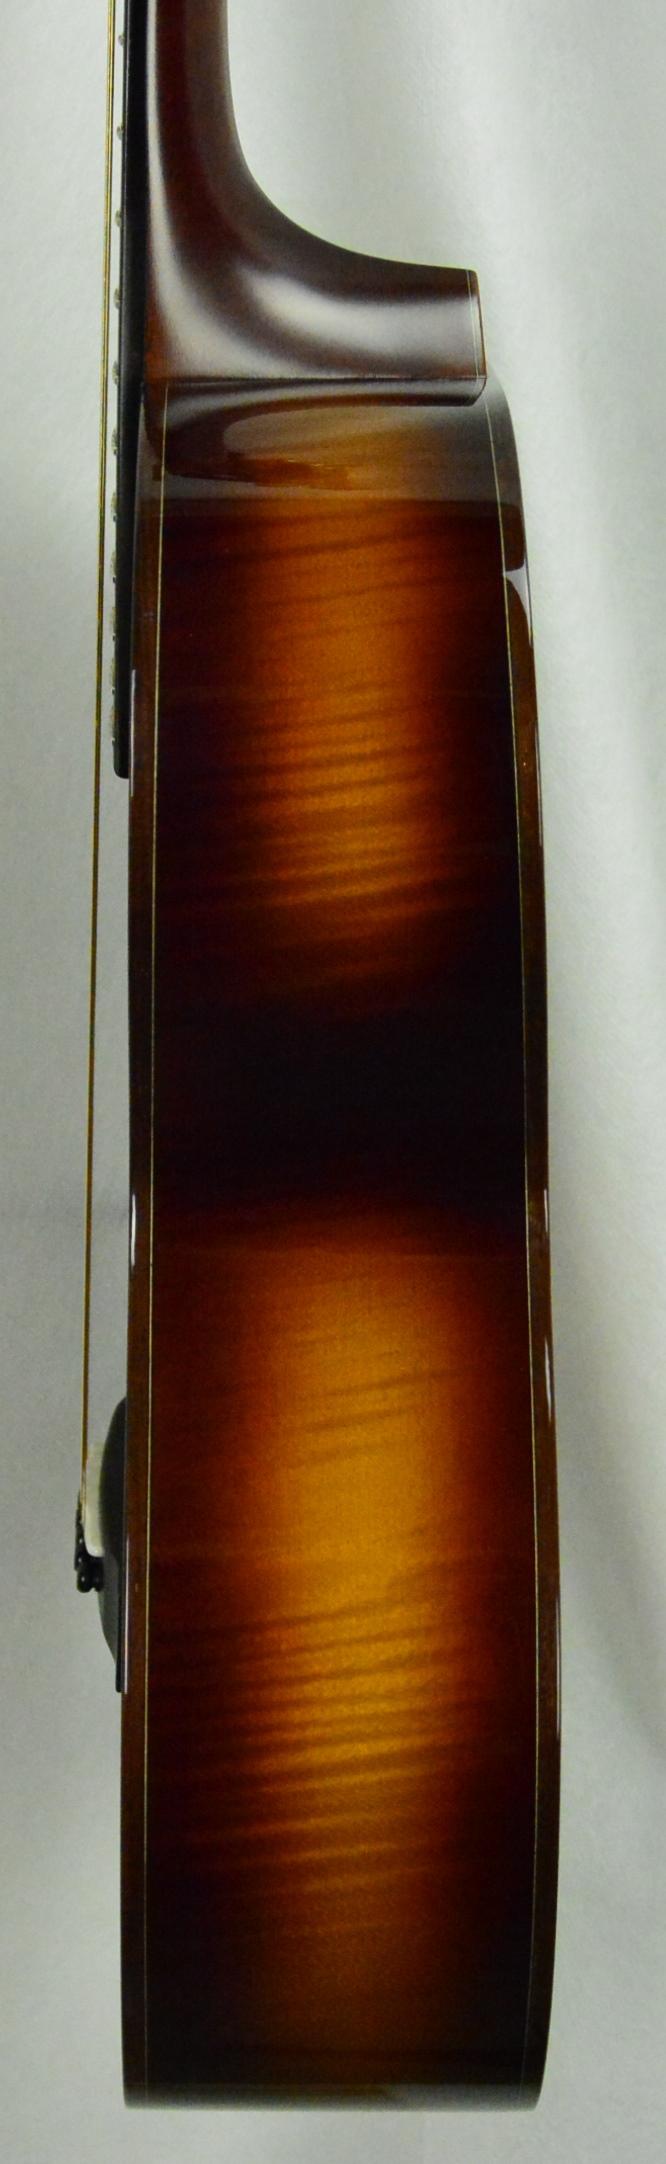 Q-2333724 Size 5 Adi FM Amber TBSN (5).JPG